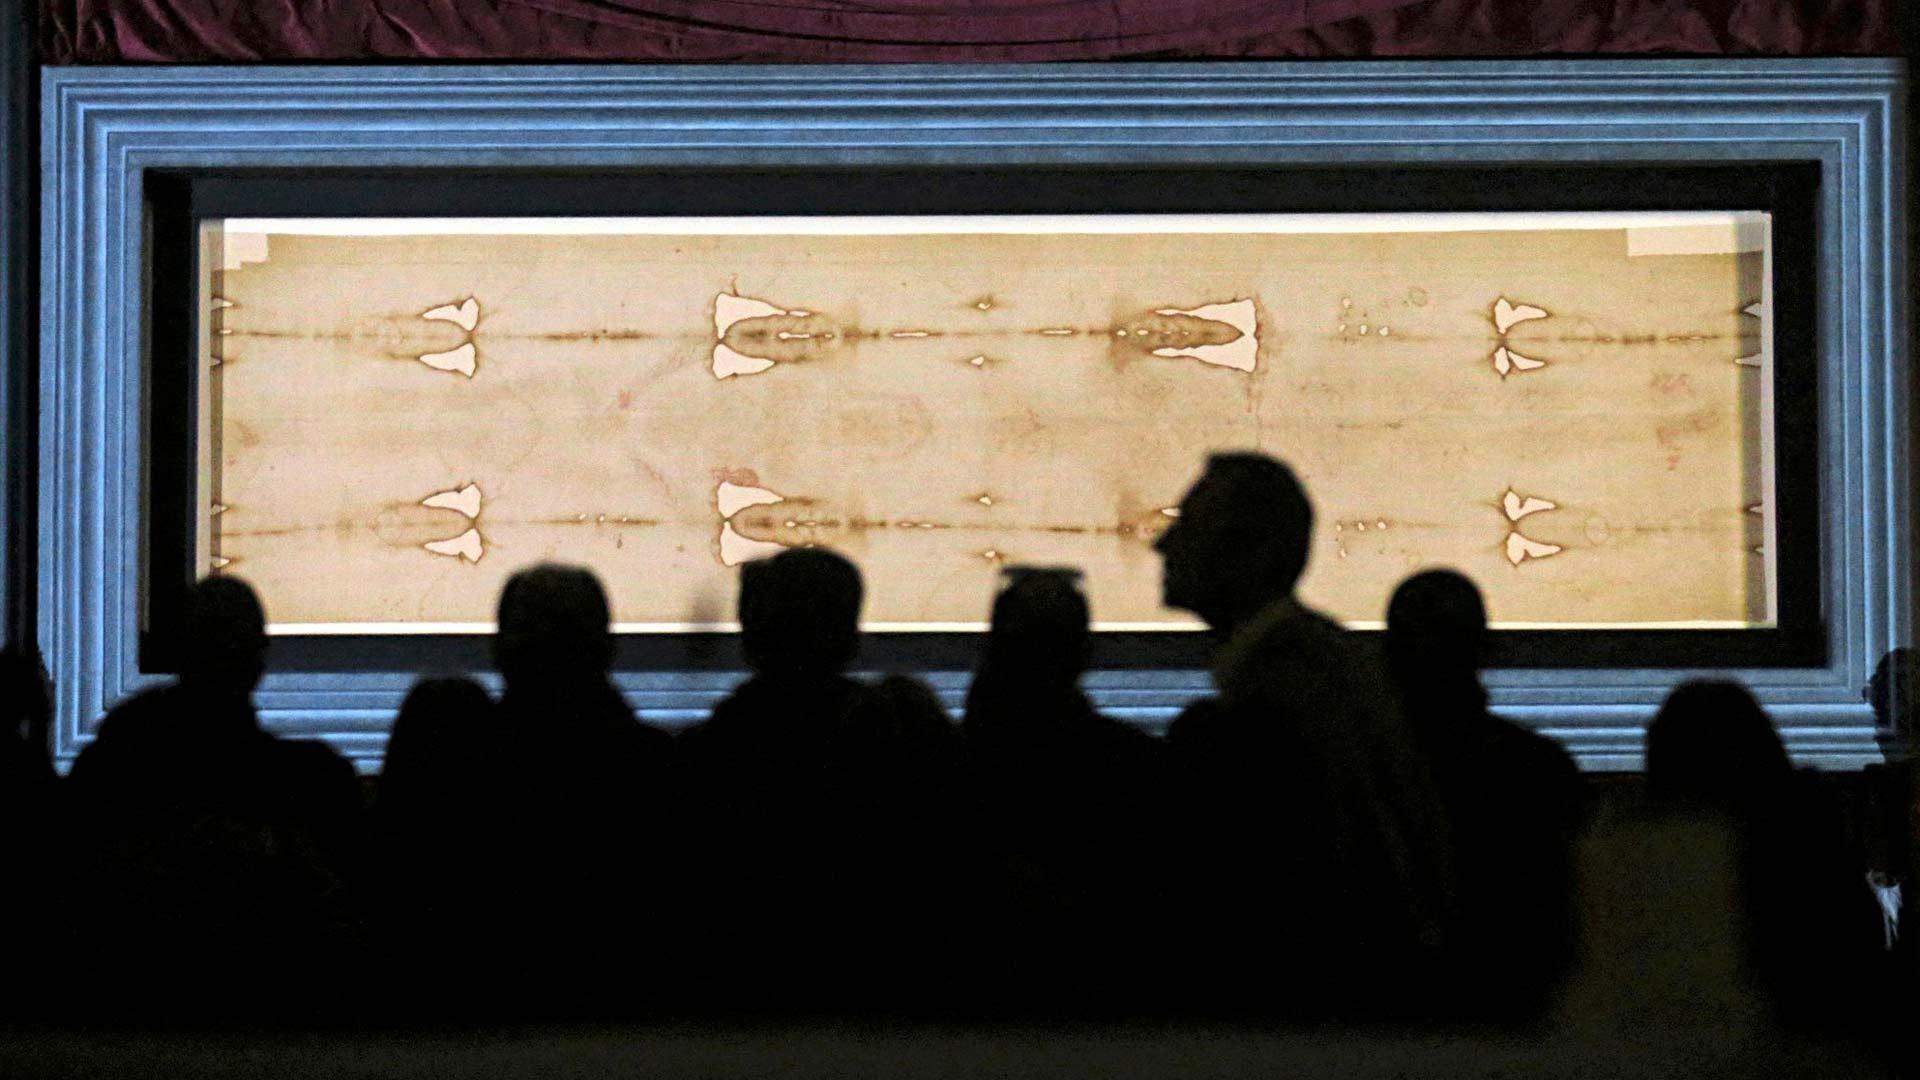 Viimeksi aito käärinliina on ollut esillä 2015 Pyhän Johannes Kastajan katedraalissa Torinossa.